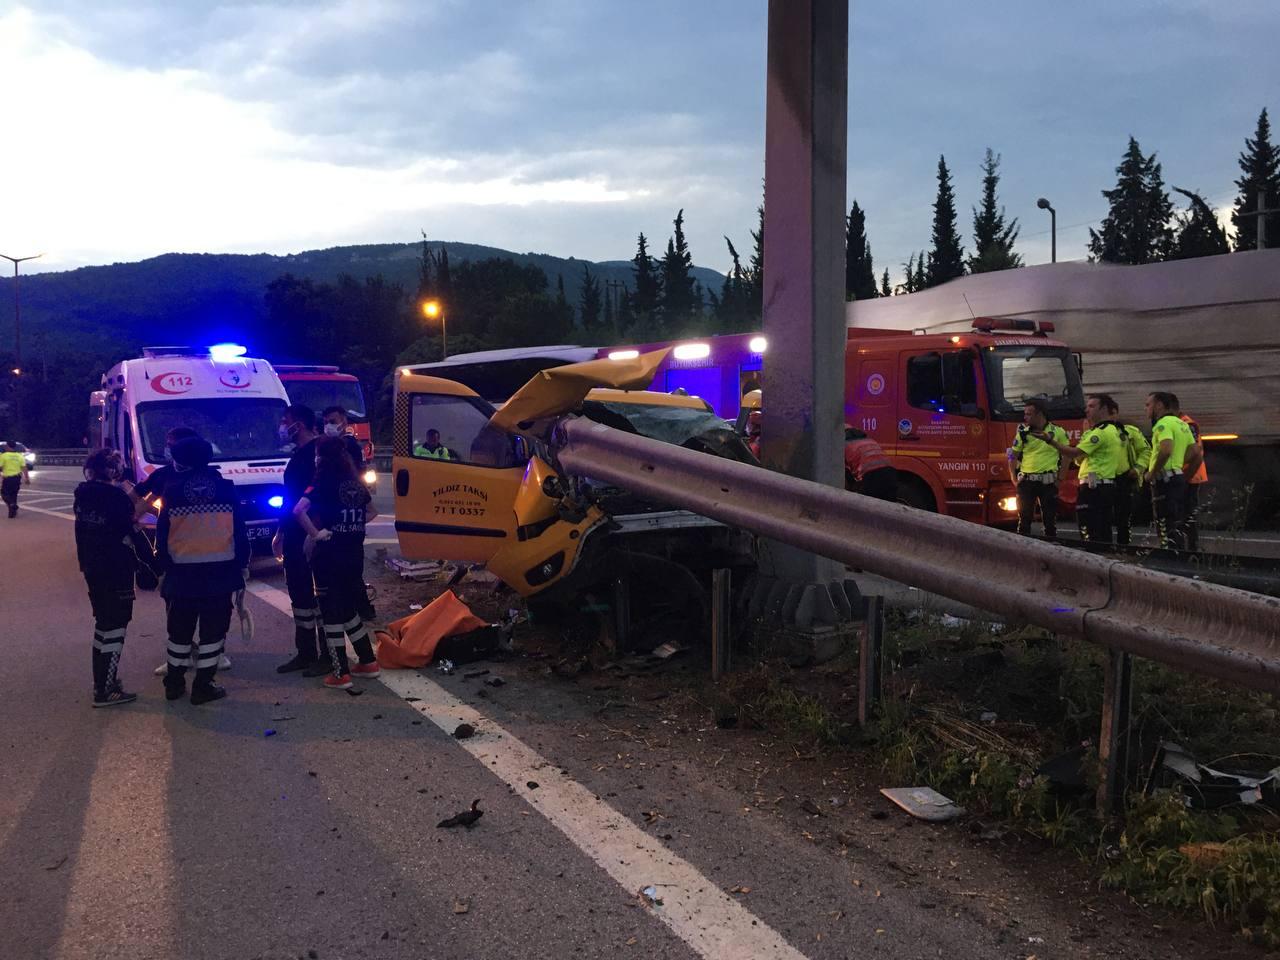 Bariyerlere ok gibi saplandı! Refüje çarpan araç hurdaya döndü: 2 kişi öldü, 3ü çocuk 5 kişi yaralandı